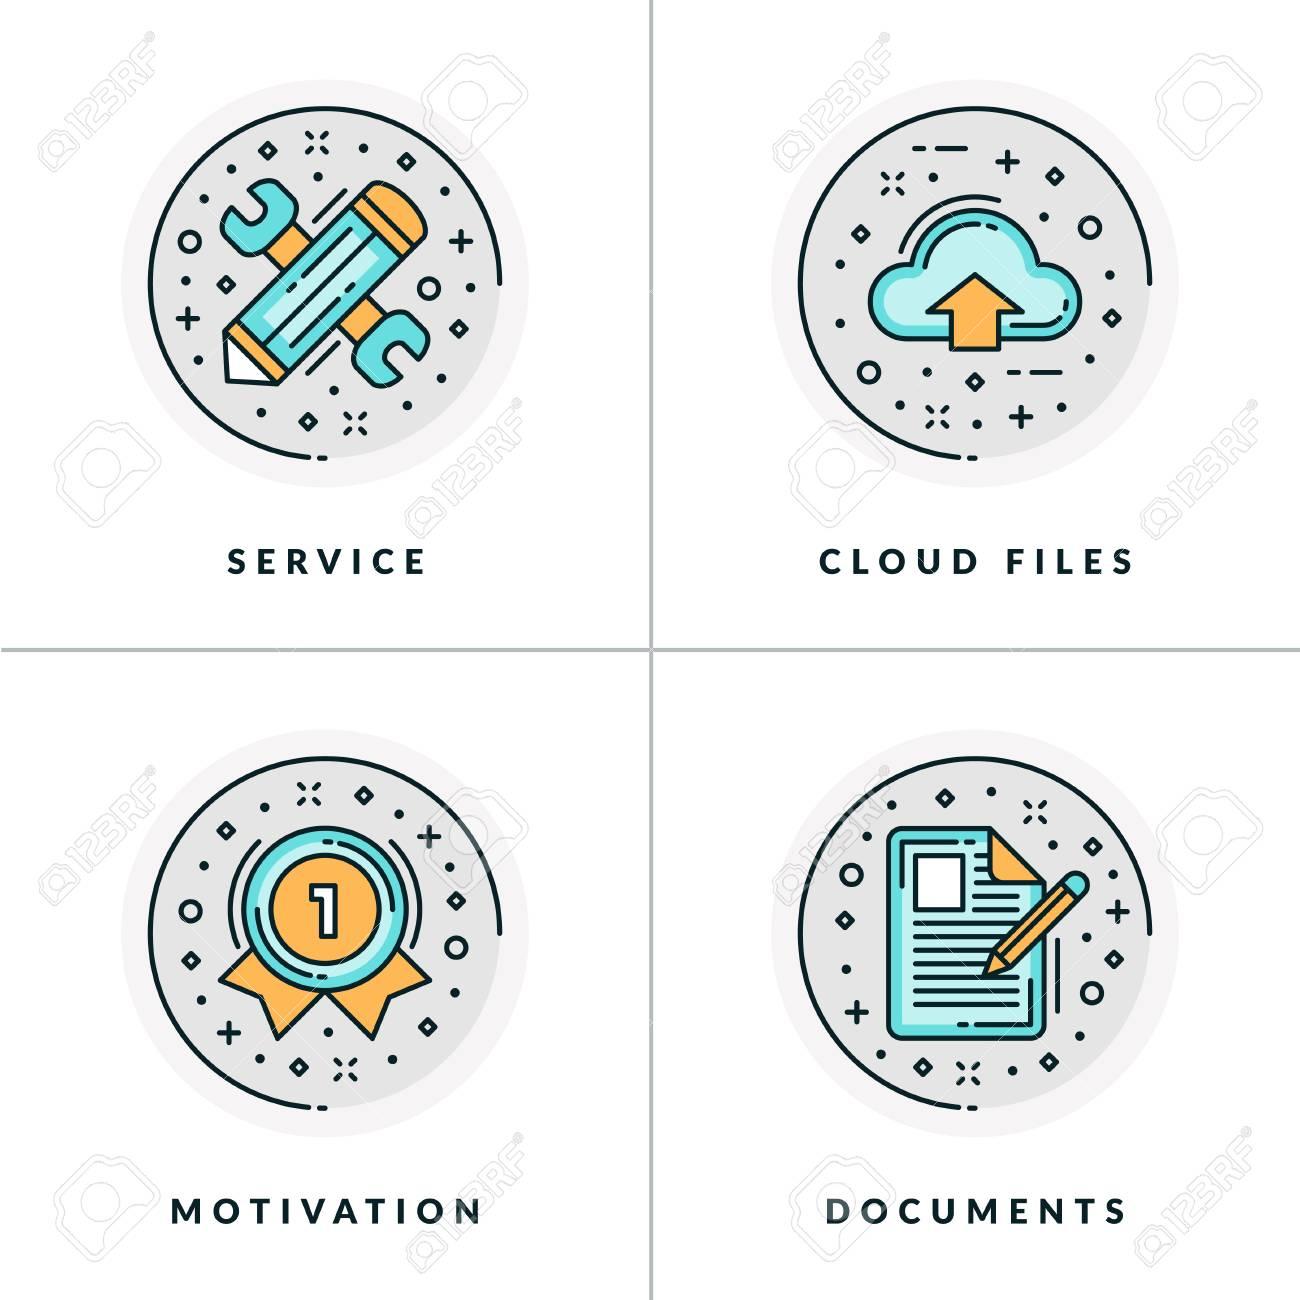 Negócios E Trabalho Conjunto De Quatro ícones No Serviço Arquivos Em Nuvem Motivação E Documentos Colorido Em Ilustrações Vetoriais Planas Cinza